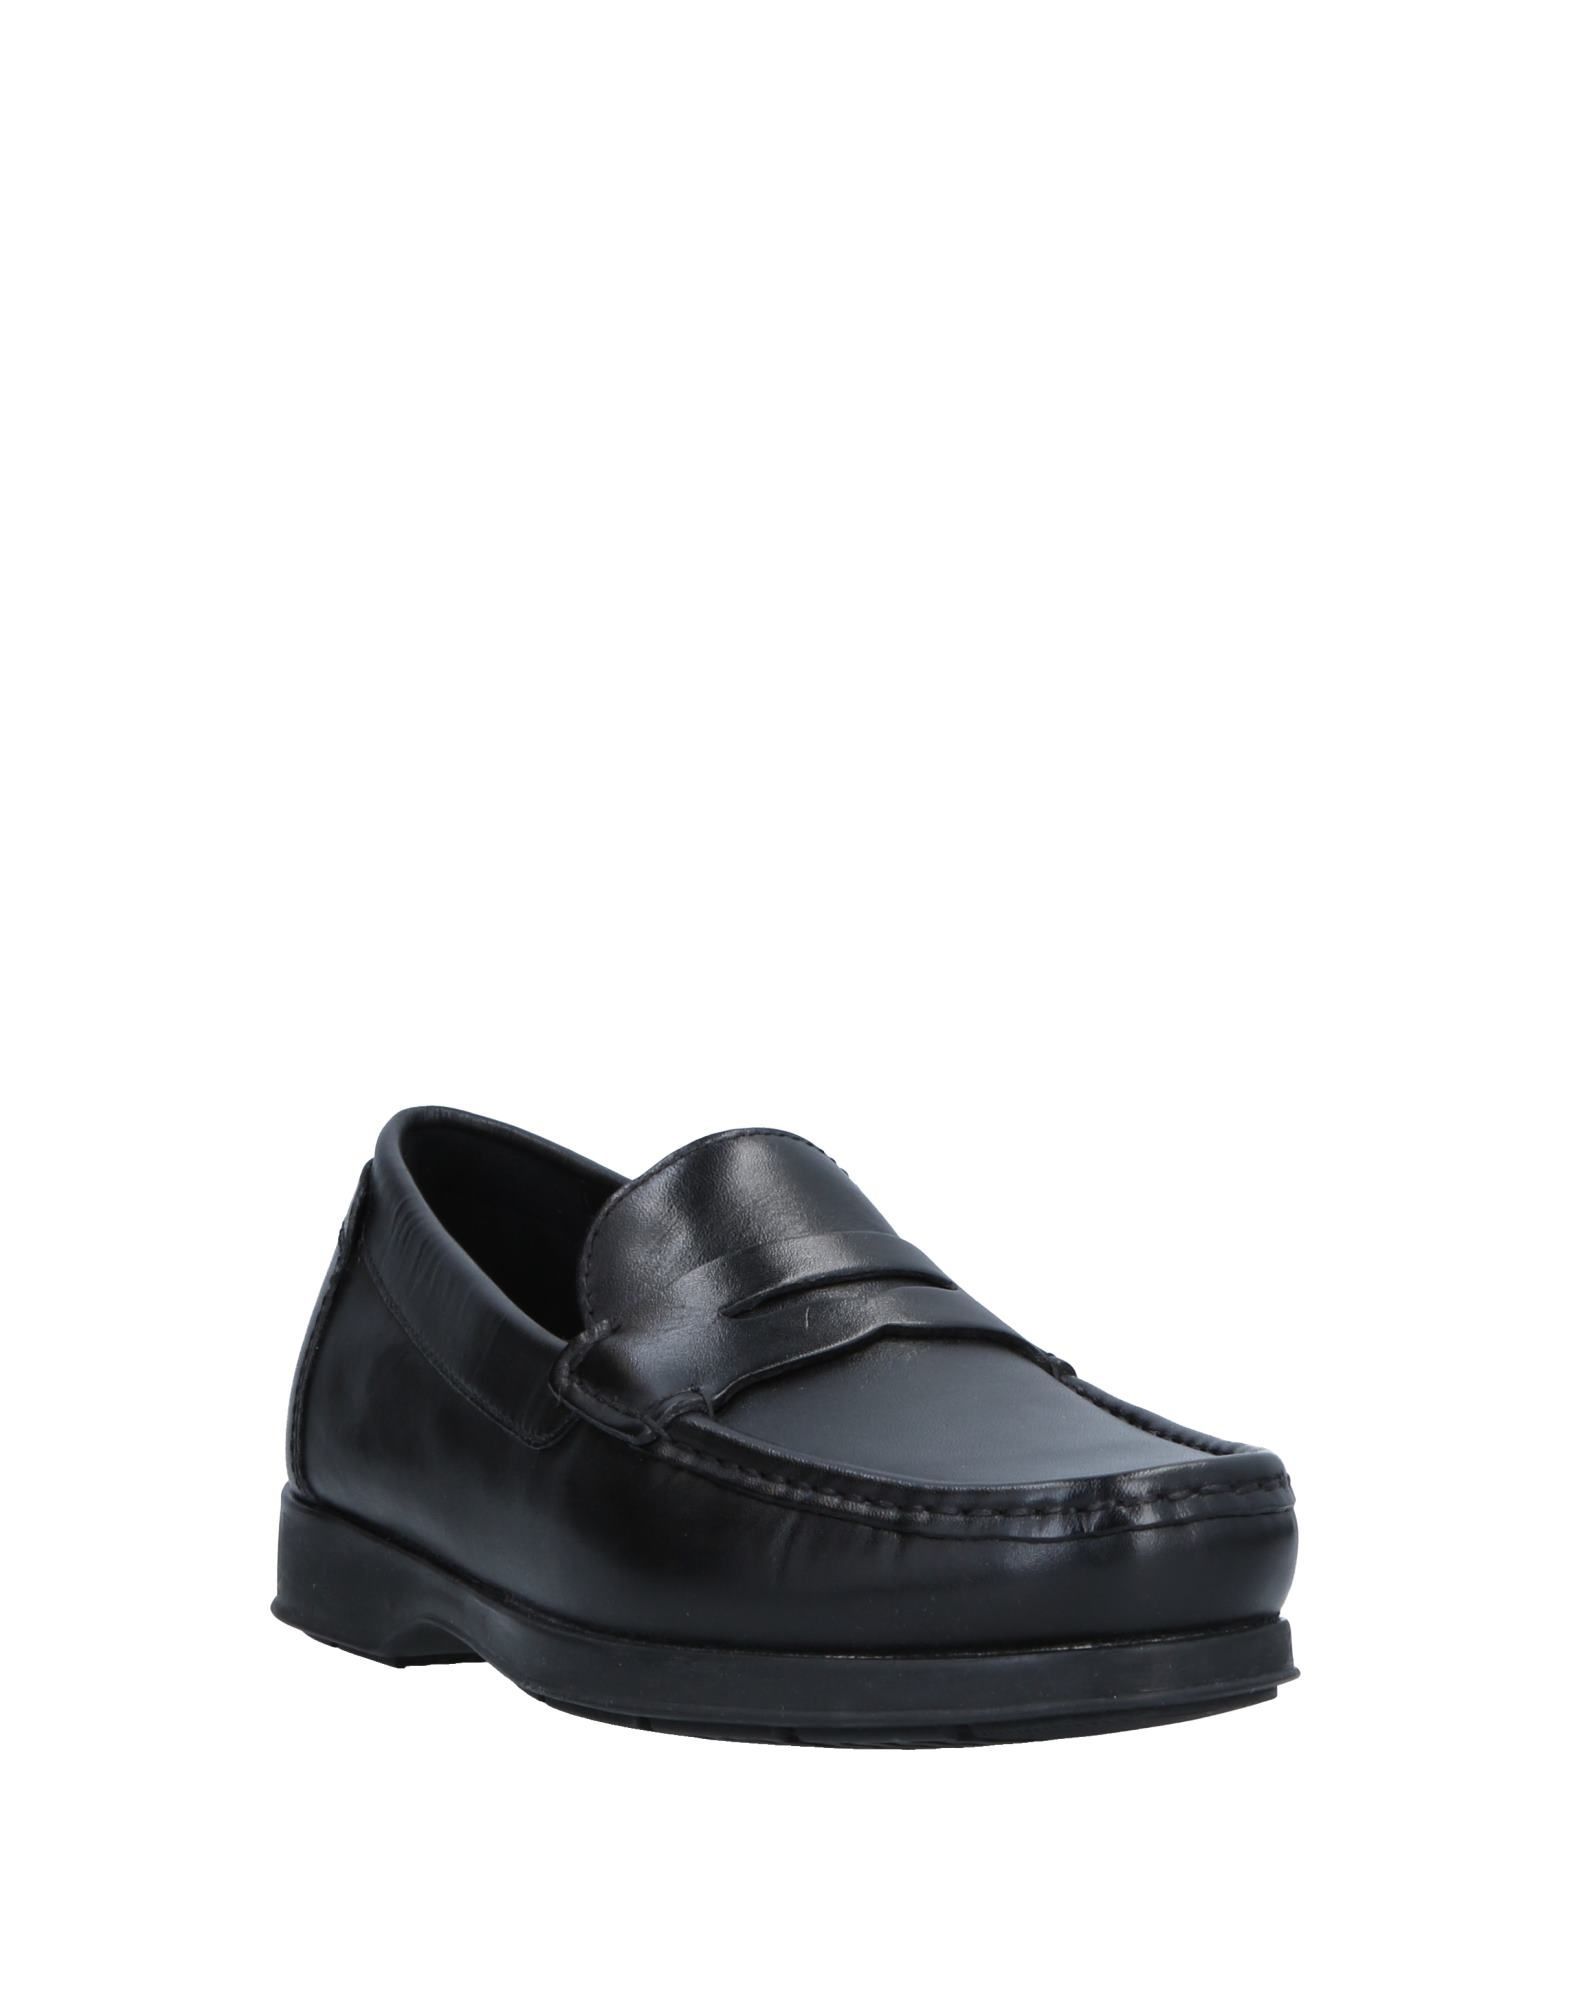 11542177HA Geox Mokassins Herren  11542177HA  Heiße Schuhe 66ffb6